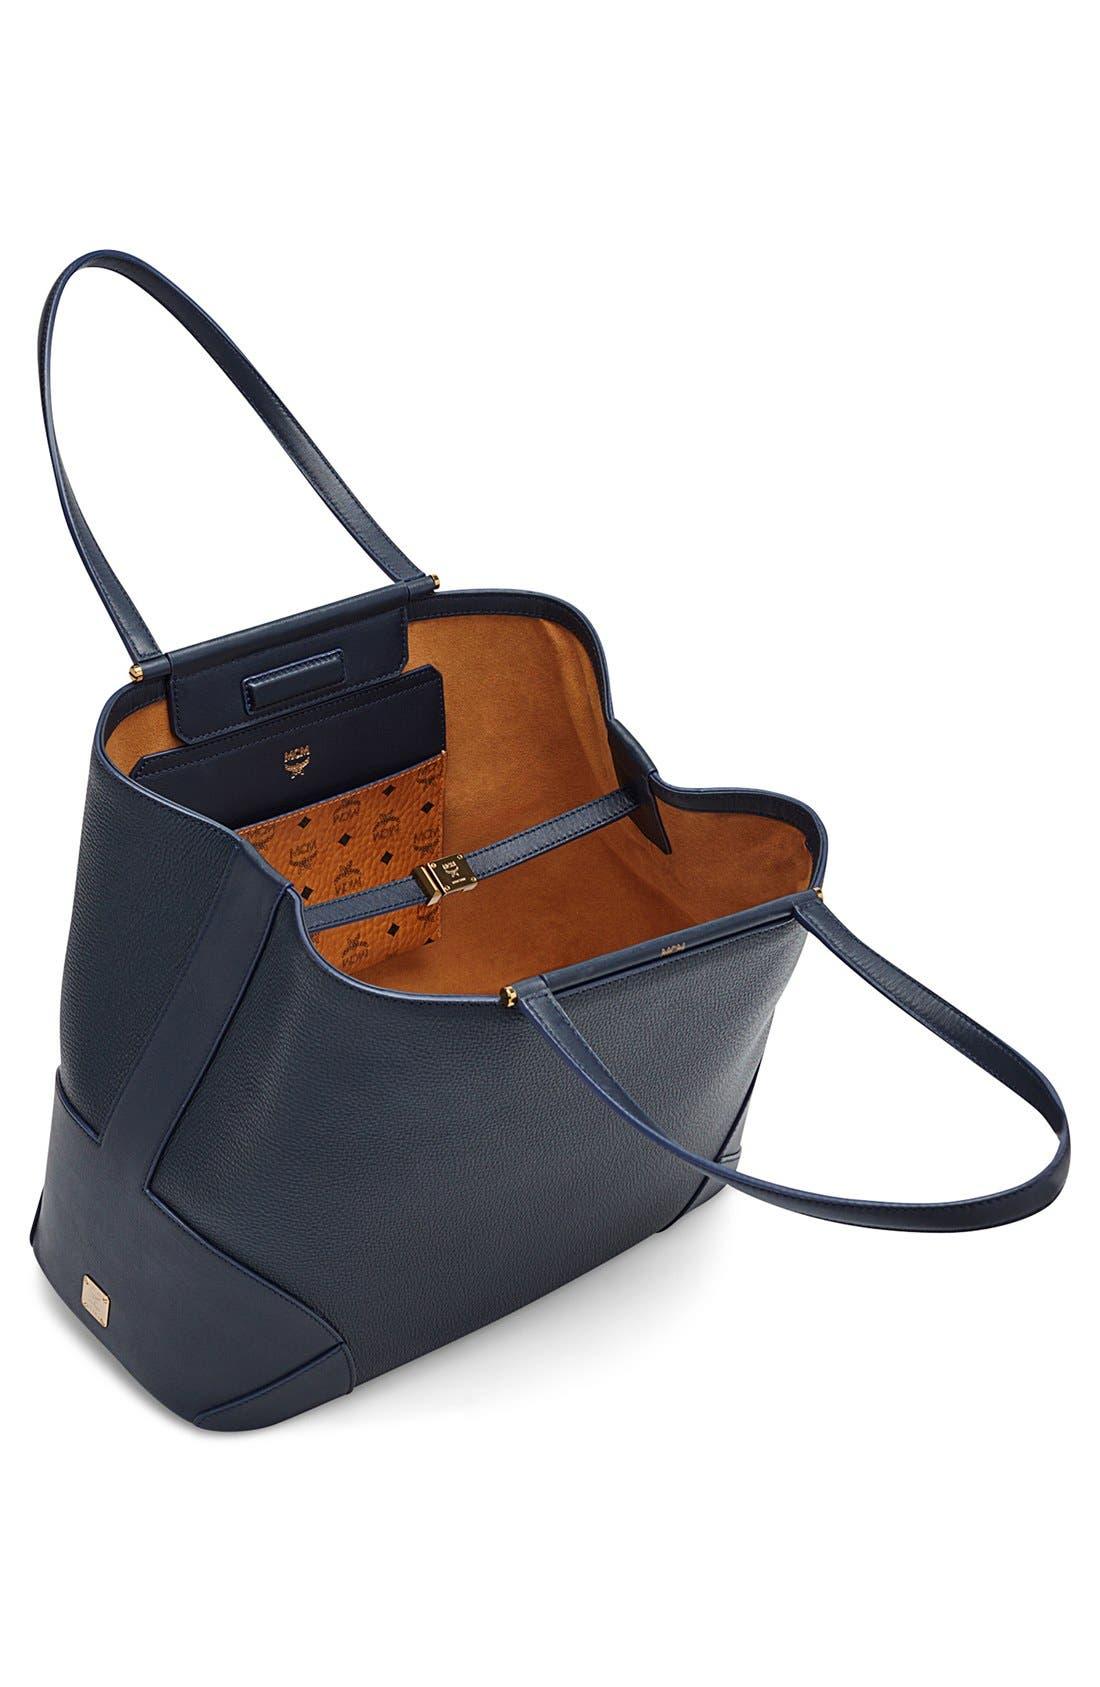 Alternate Image 3  - MCM 'Medium Claudia' Leather Shopper